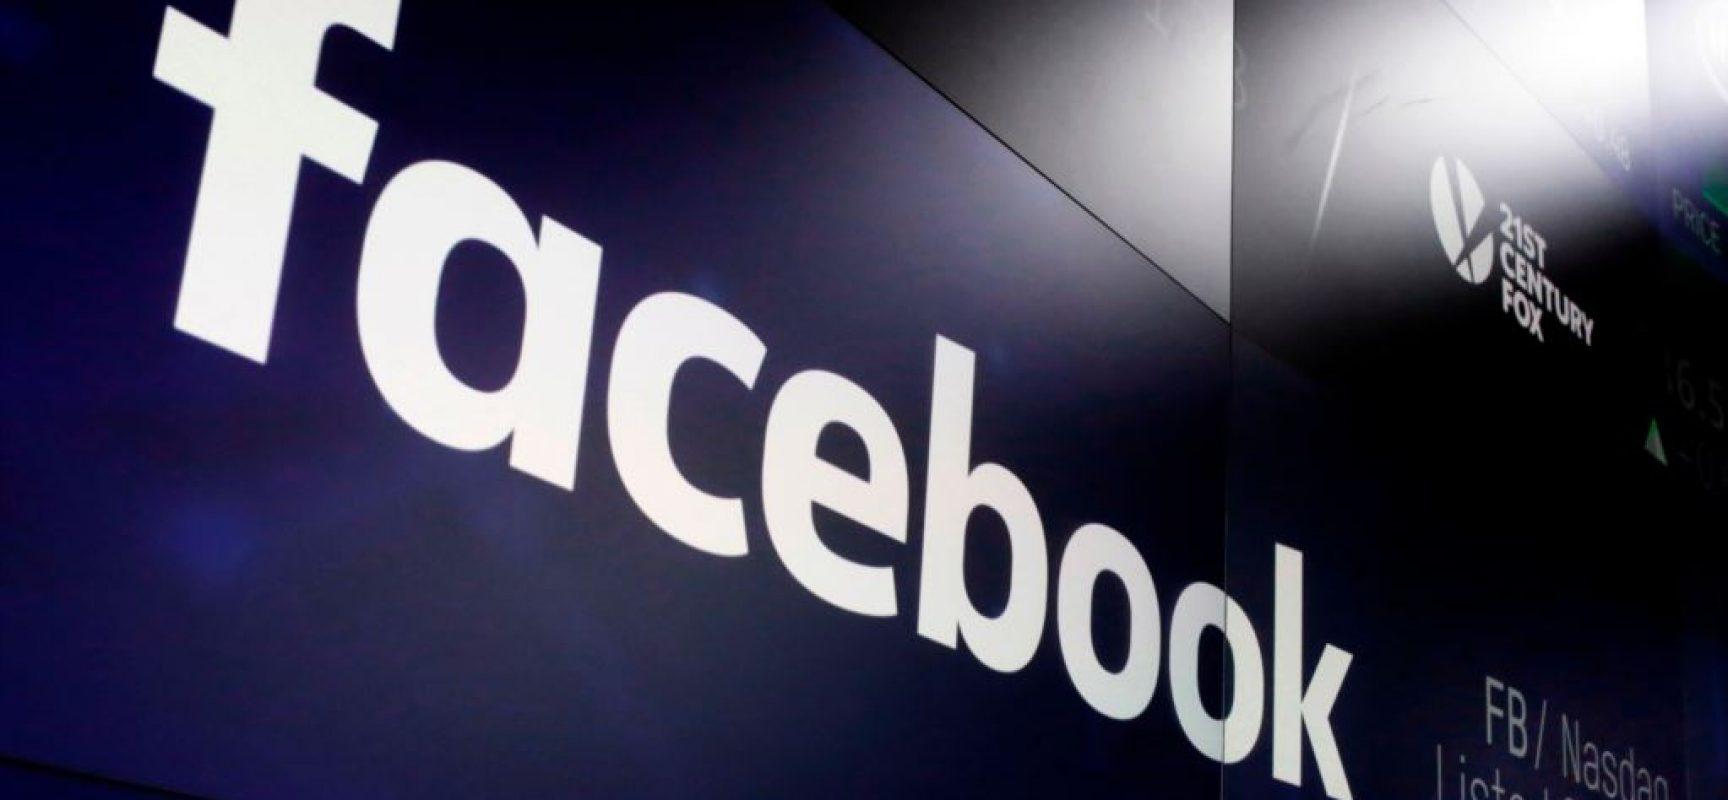 Dalle fake news agli account falsi: ecco come Facebook si prepara alle elezioni europee